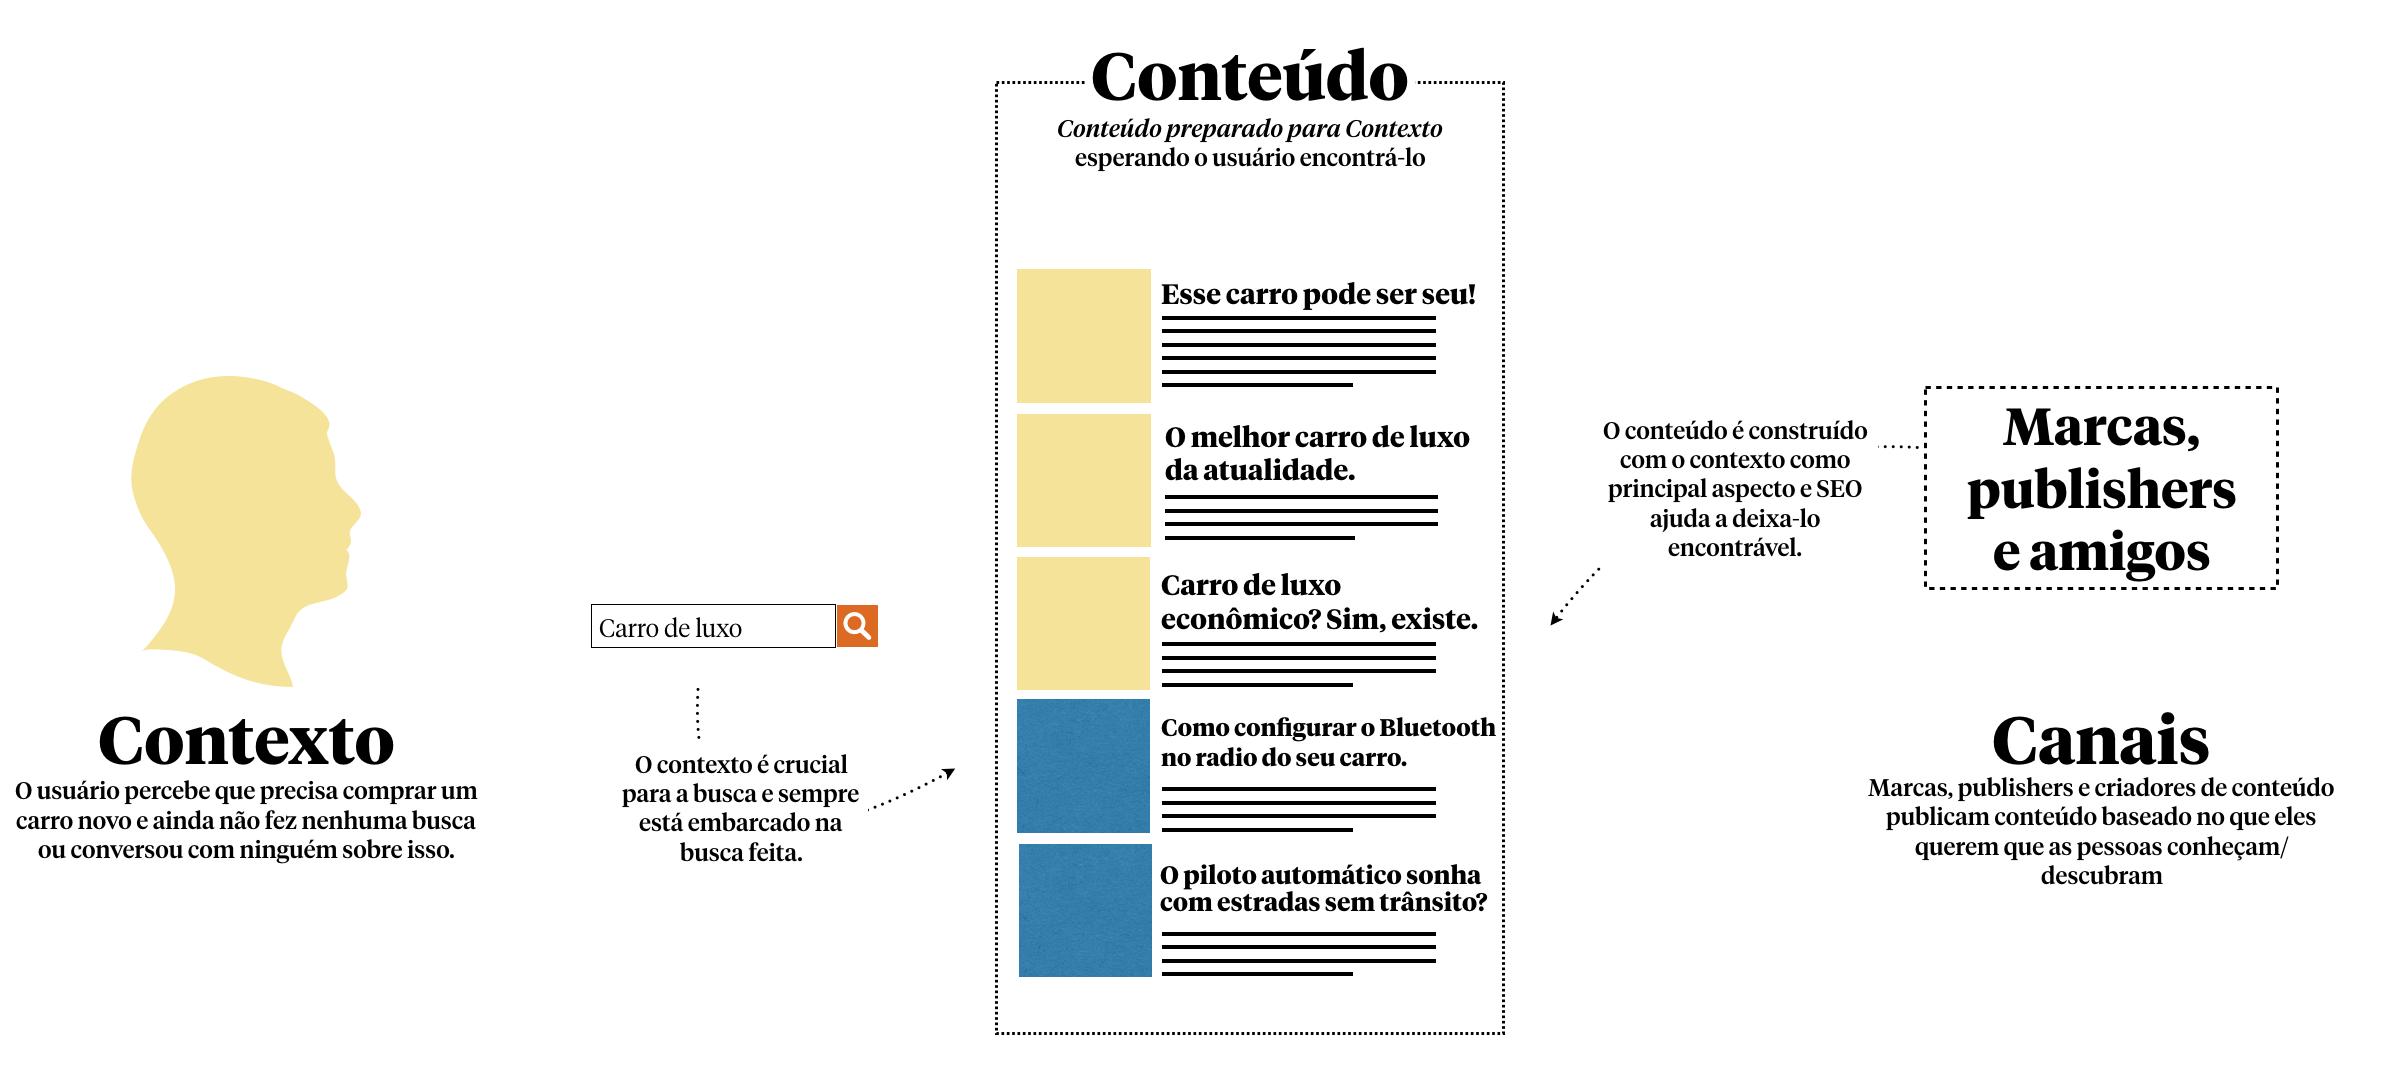 Conteudo_contexto_Busca